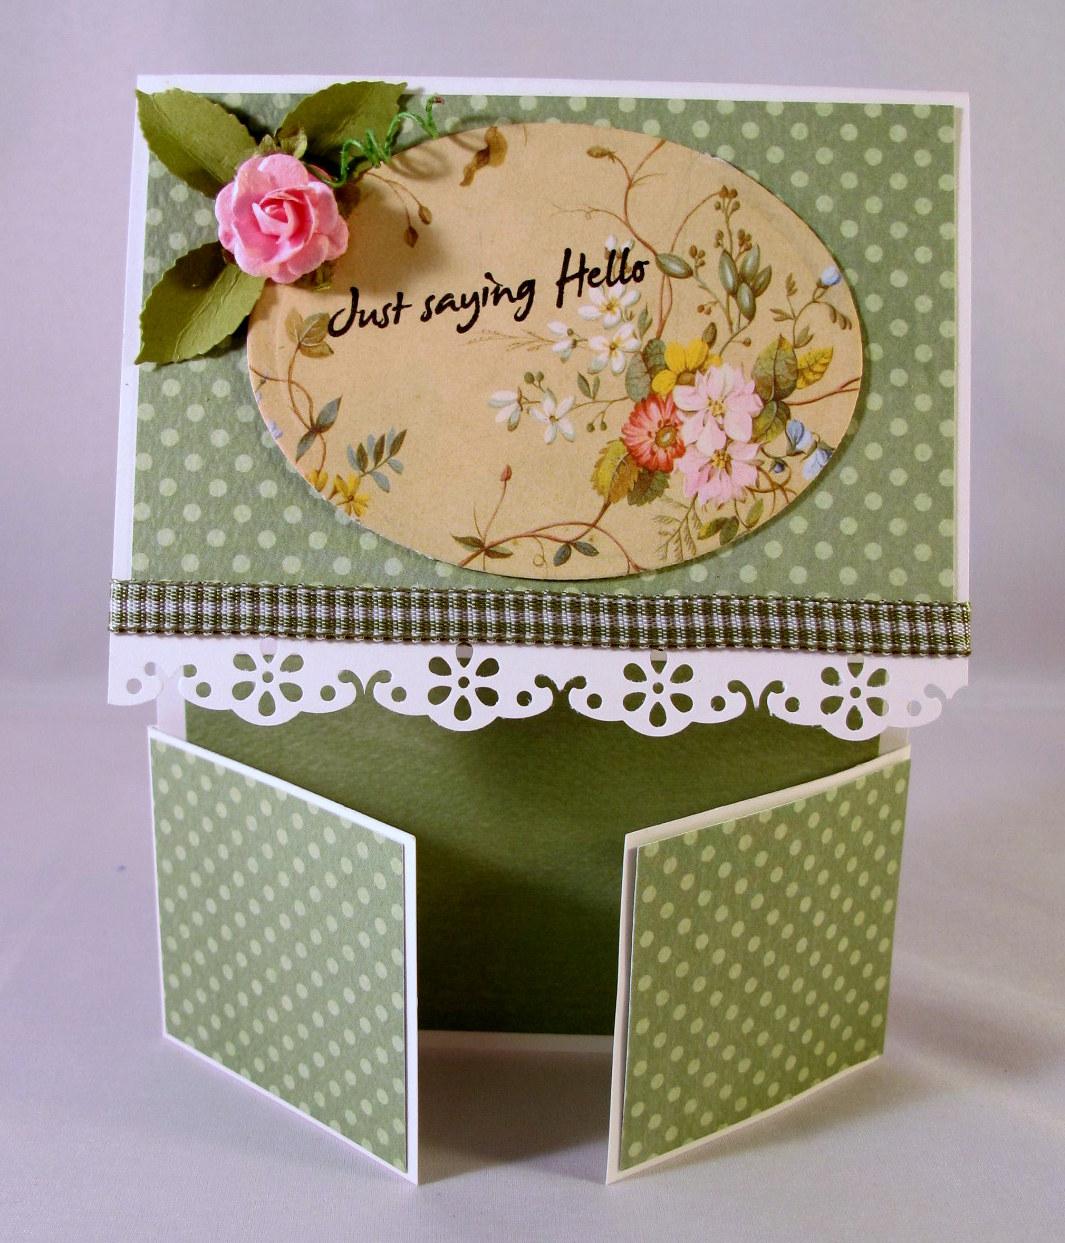 Дизайнер, сделать открытку раскладушку своими руками на день рождения